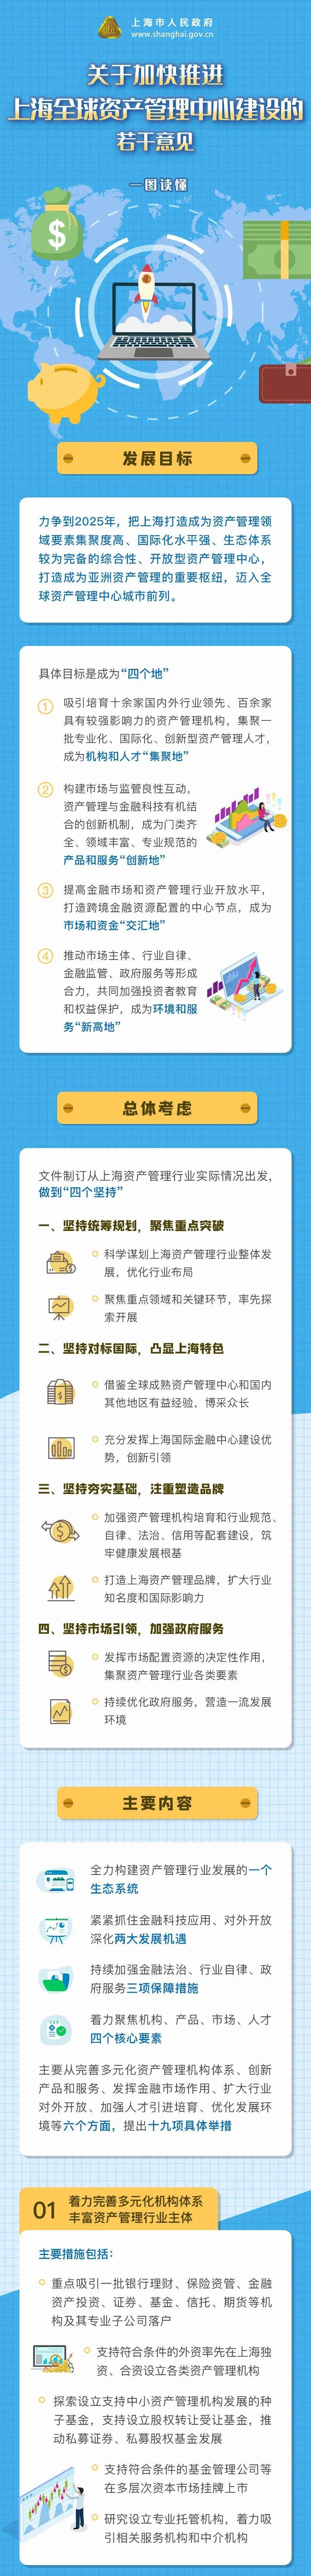 【最新】上海加快推进全球资产管理中心建设!一图读懂→